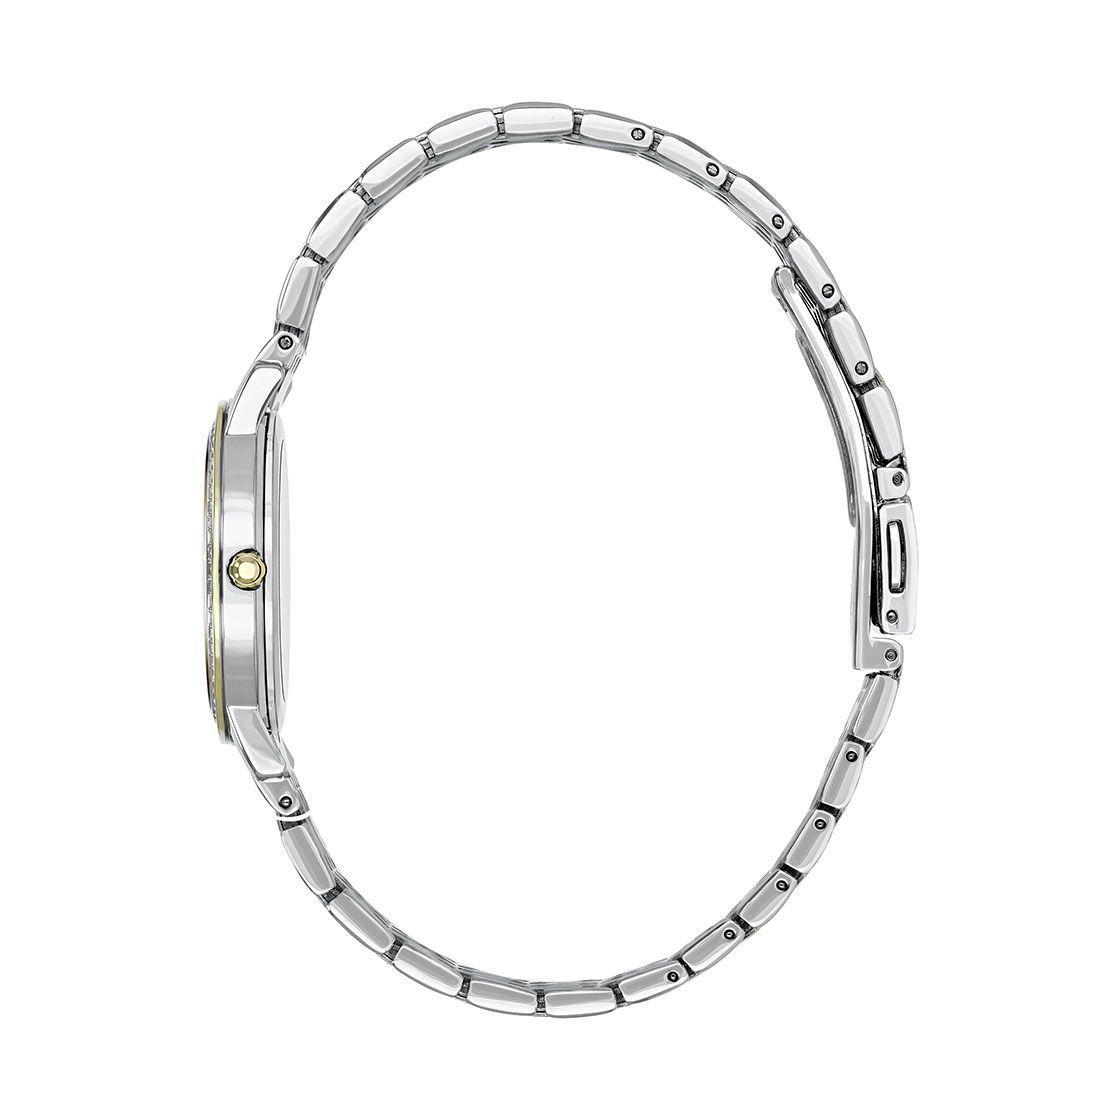 ساعت مچی عقربه ای زنانه سیتی زن مدل EX1484-81A -  - 3